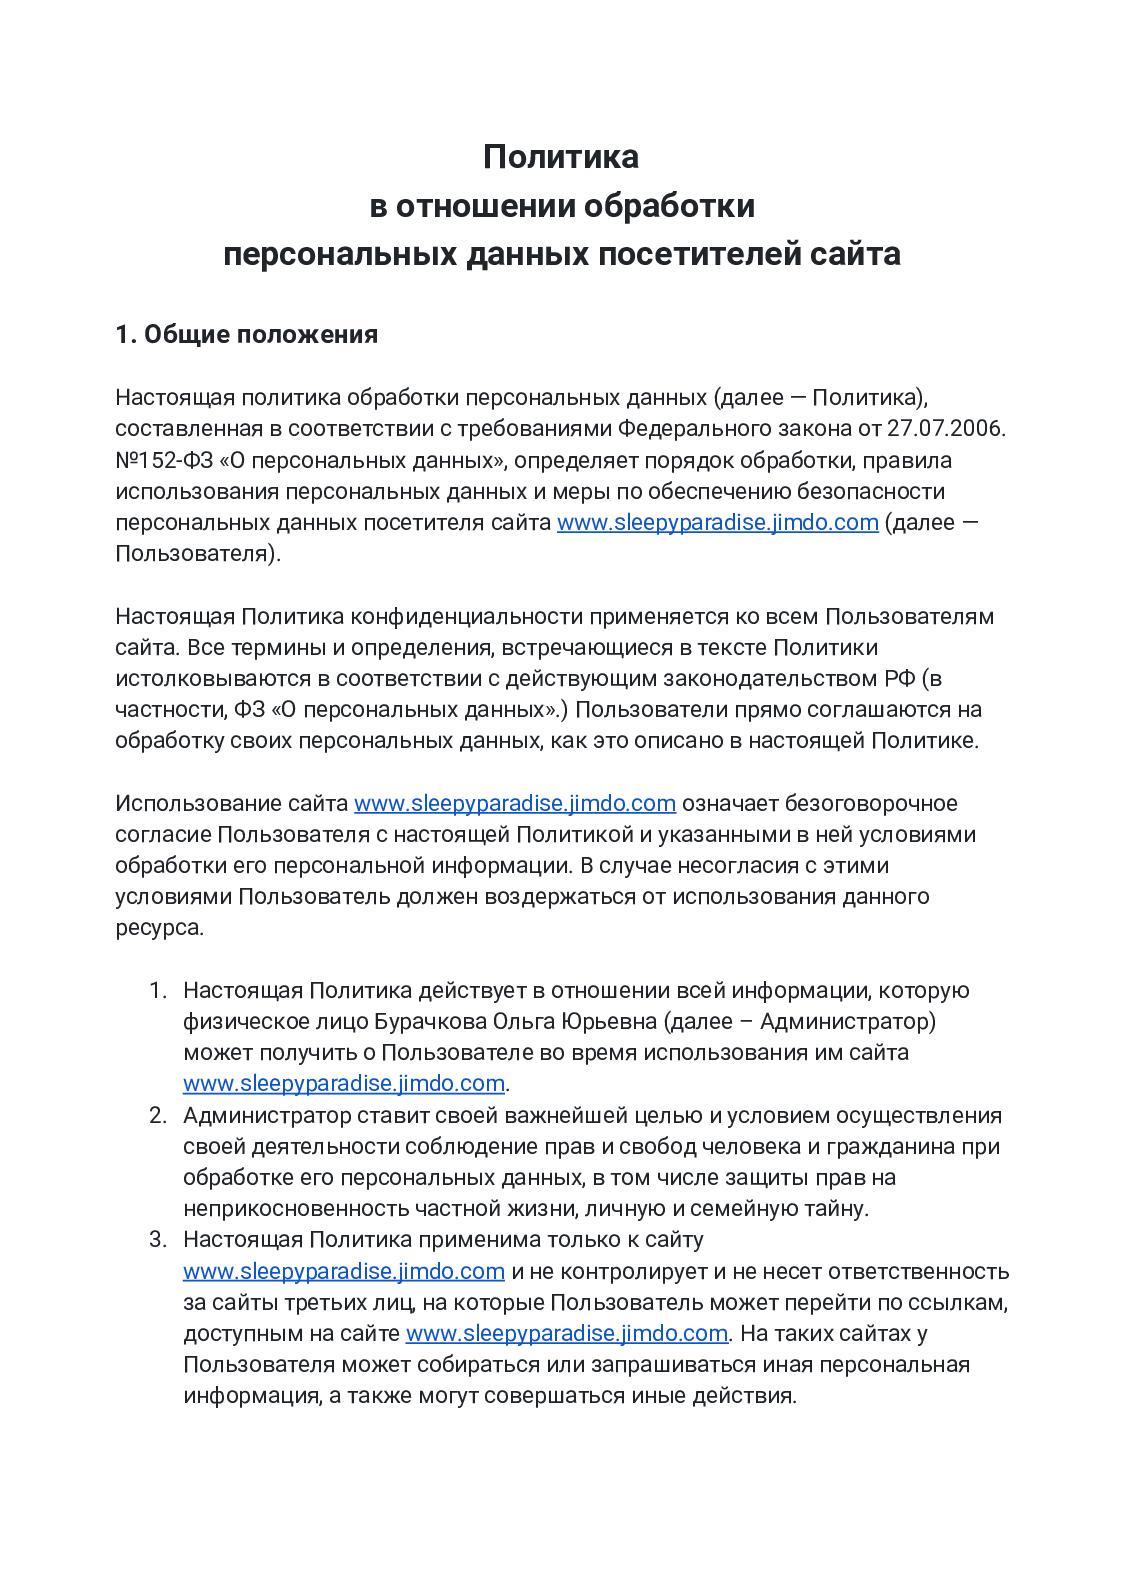 152 фз о защите персональных данных